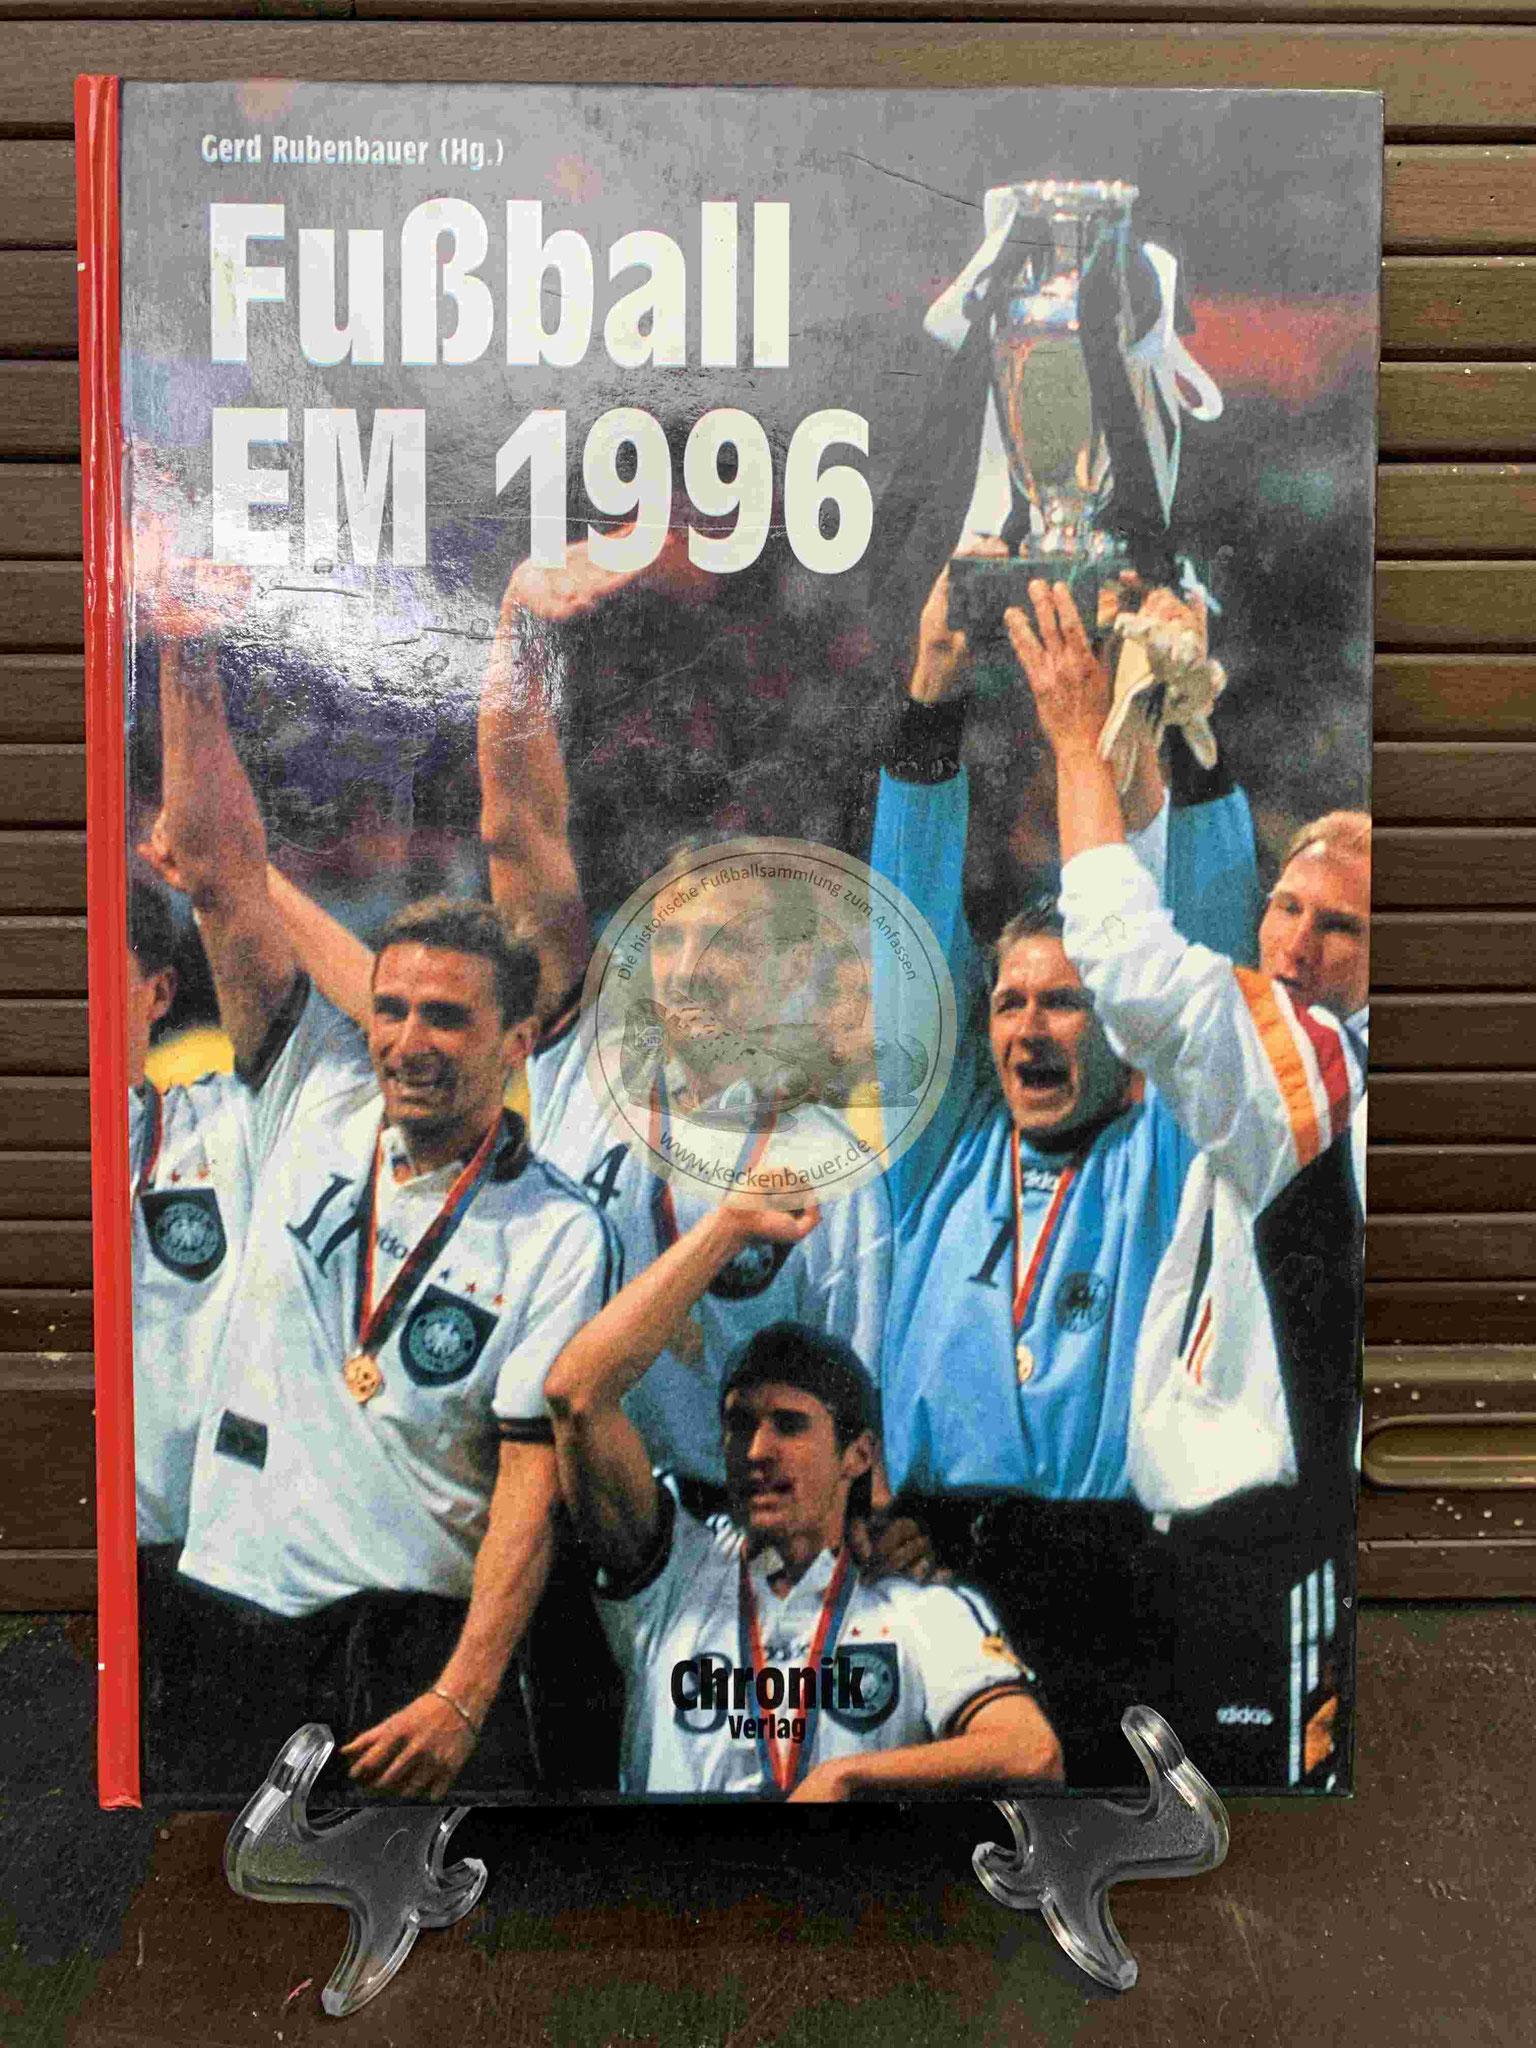 Fußball EM 1996 vom Chronik Verlag.